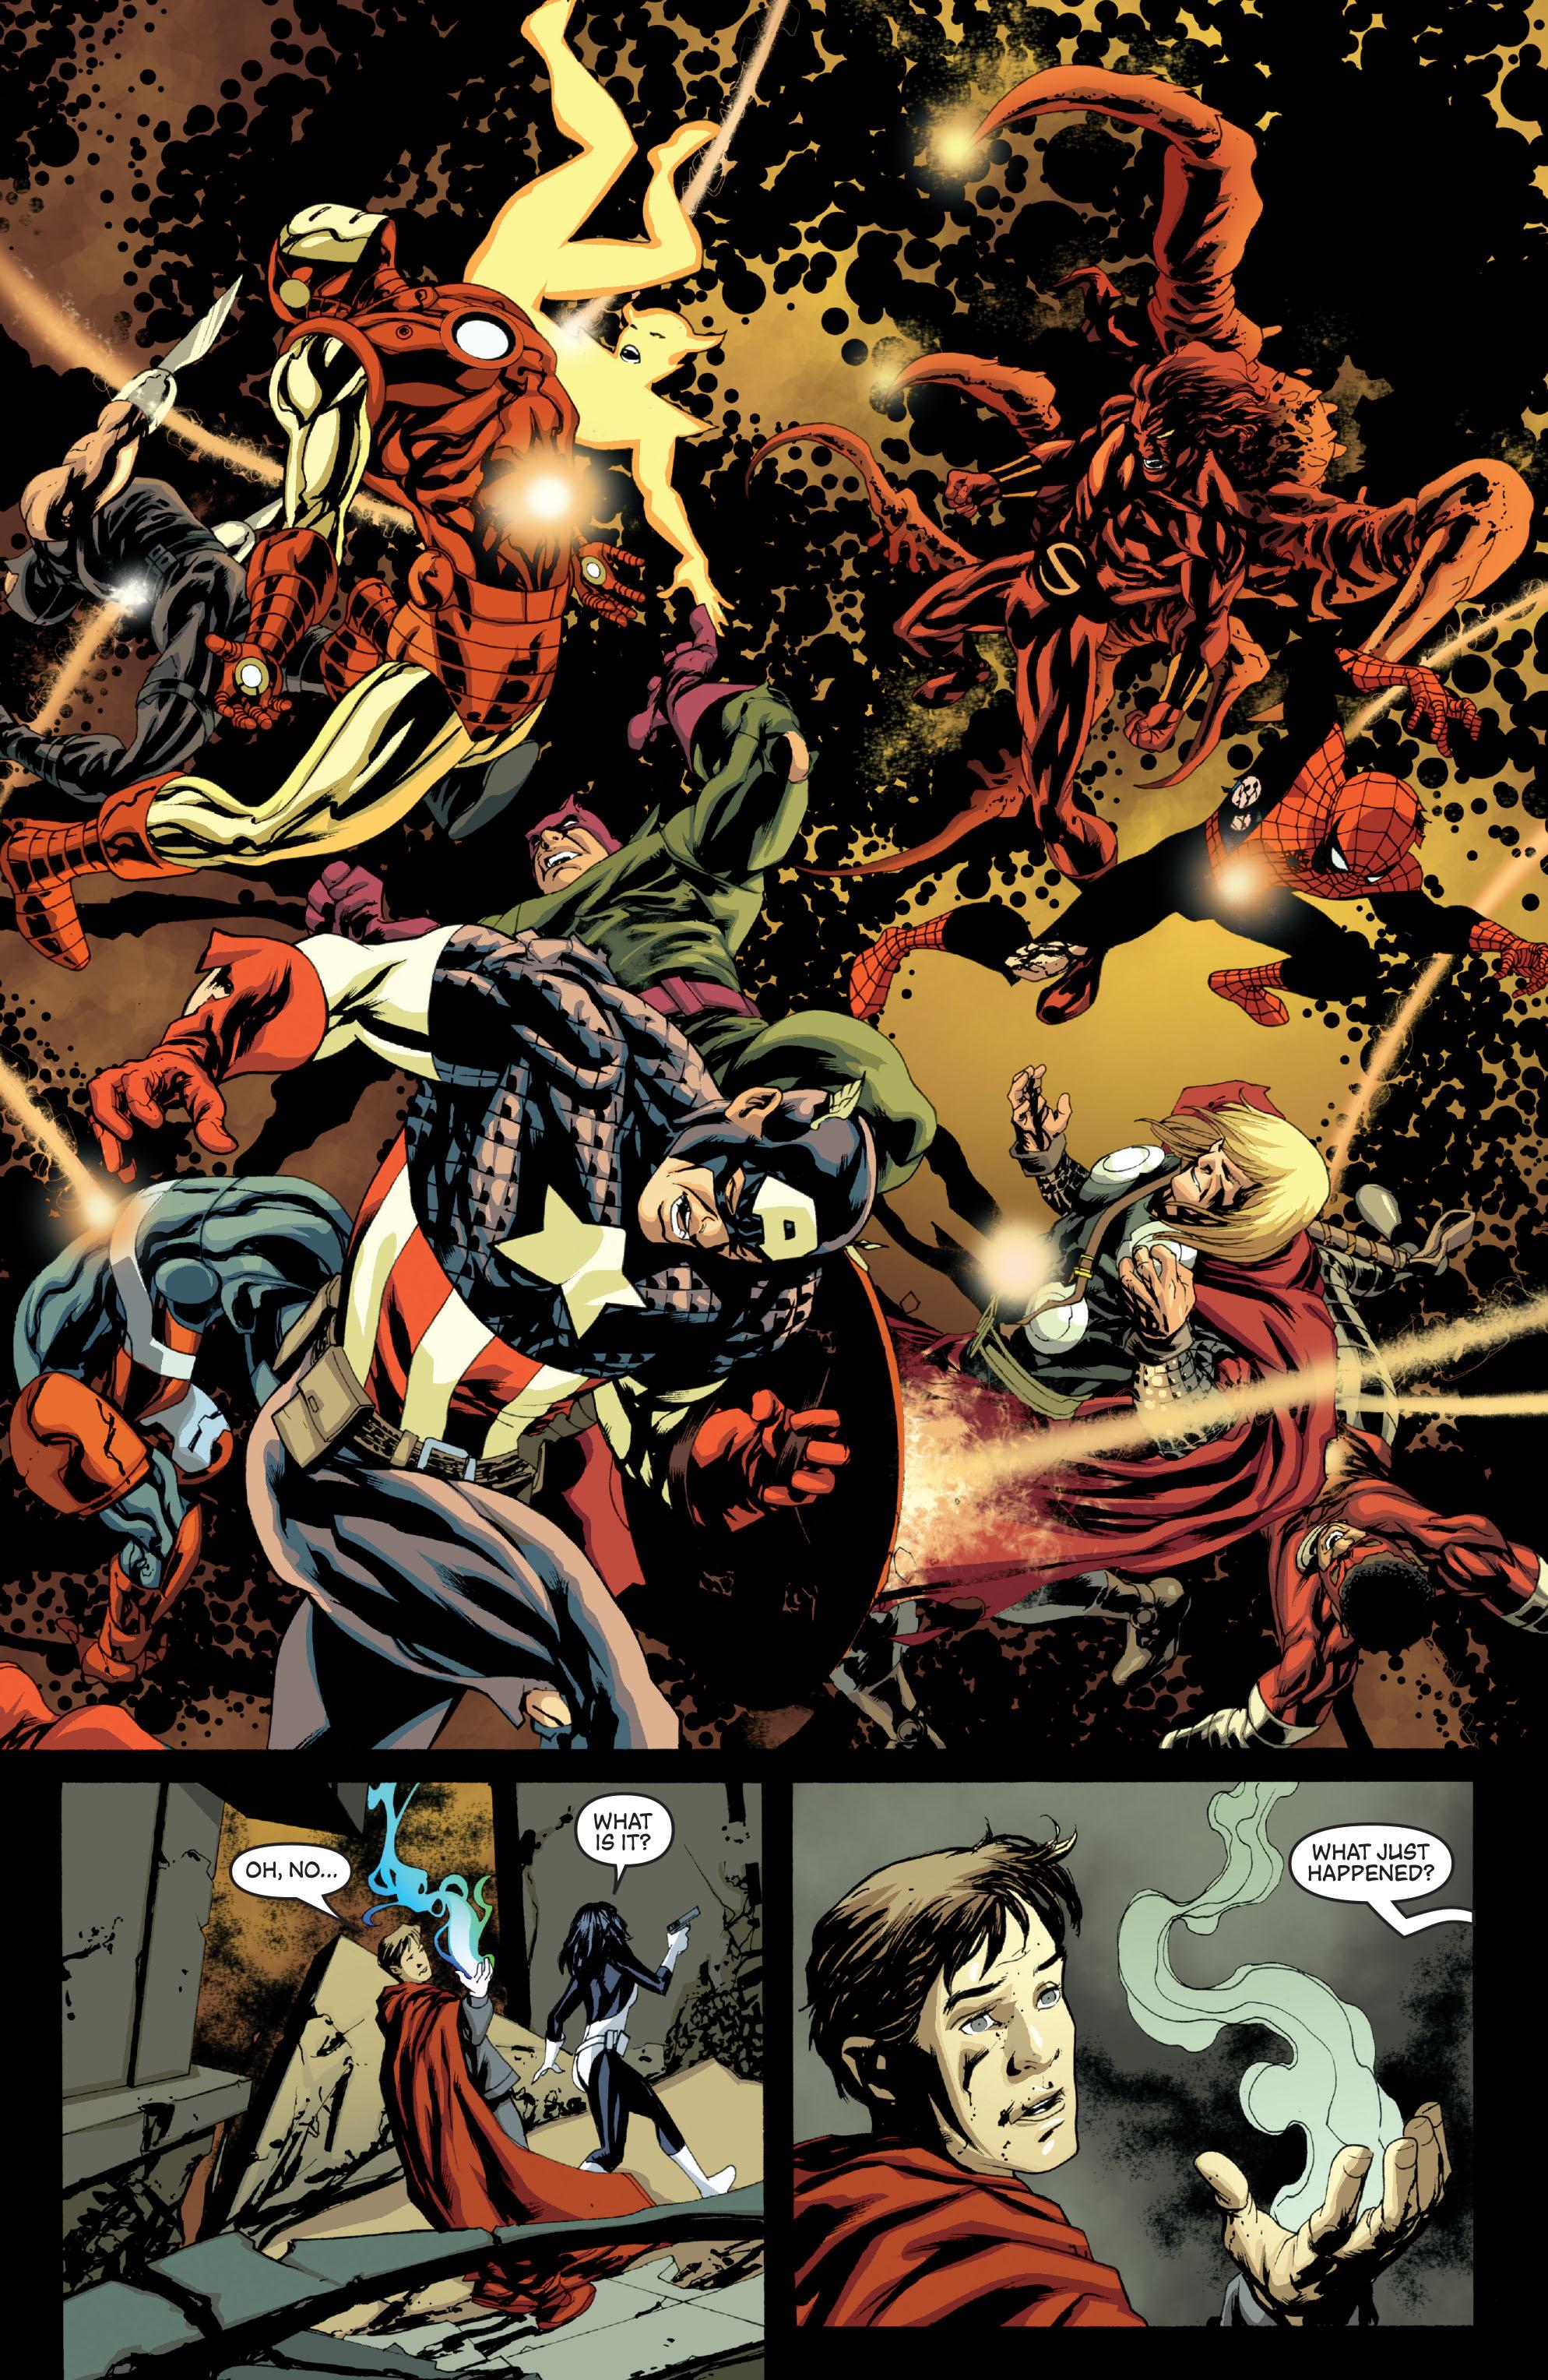 New Avengers (2005) chap 64 pic 15